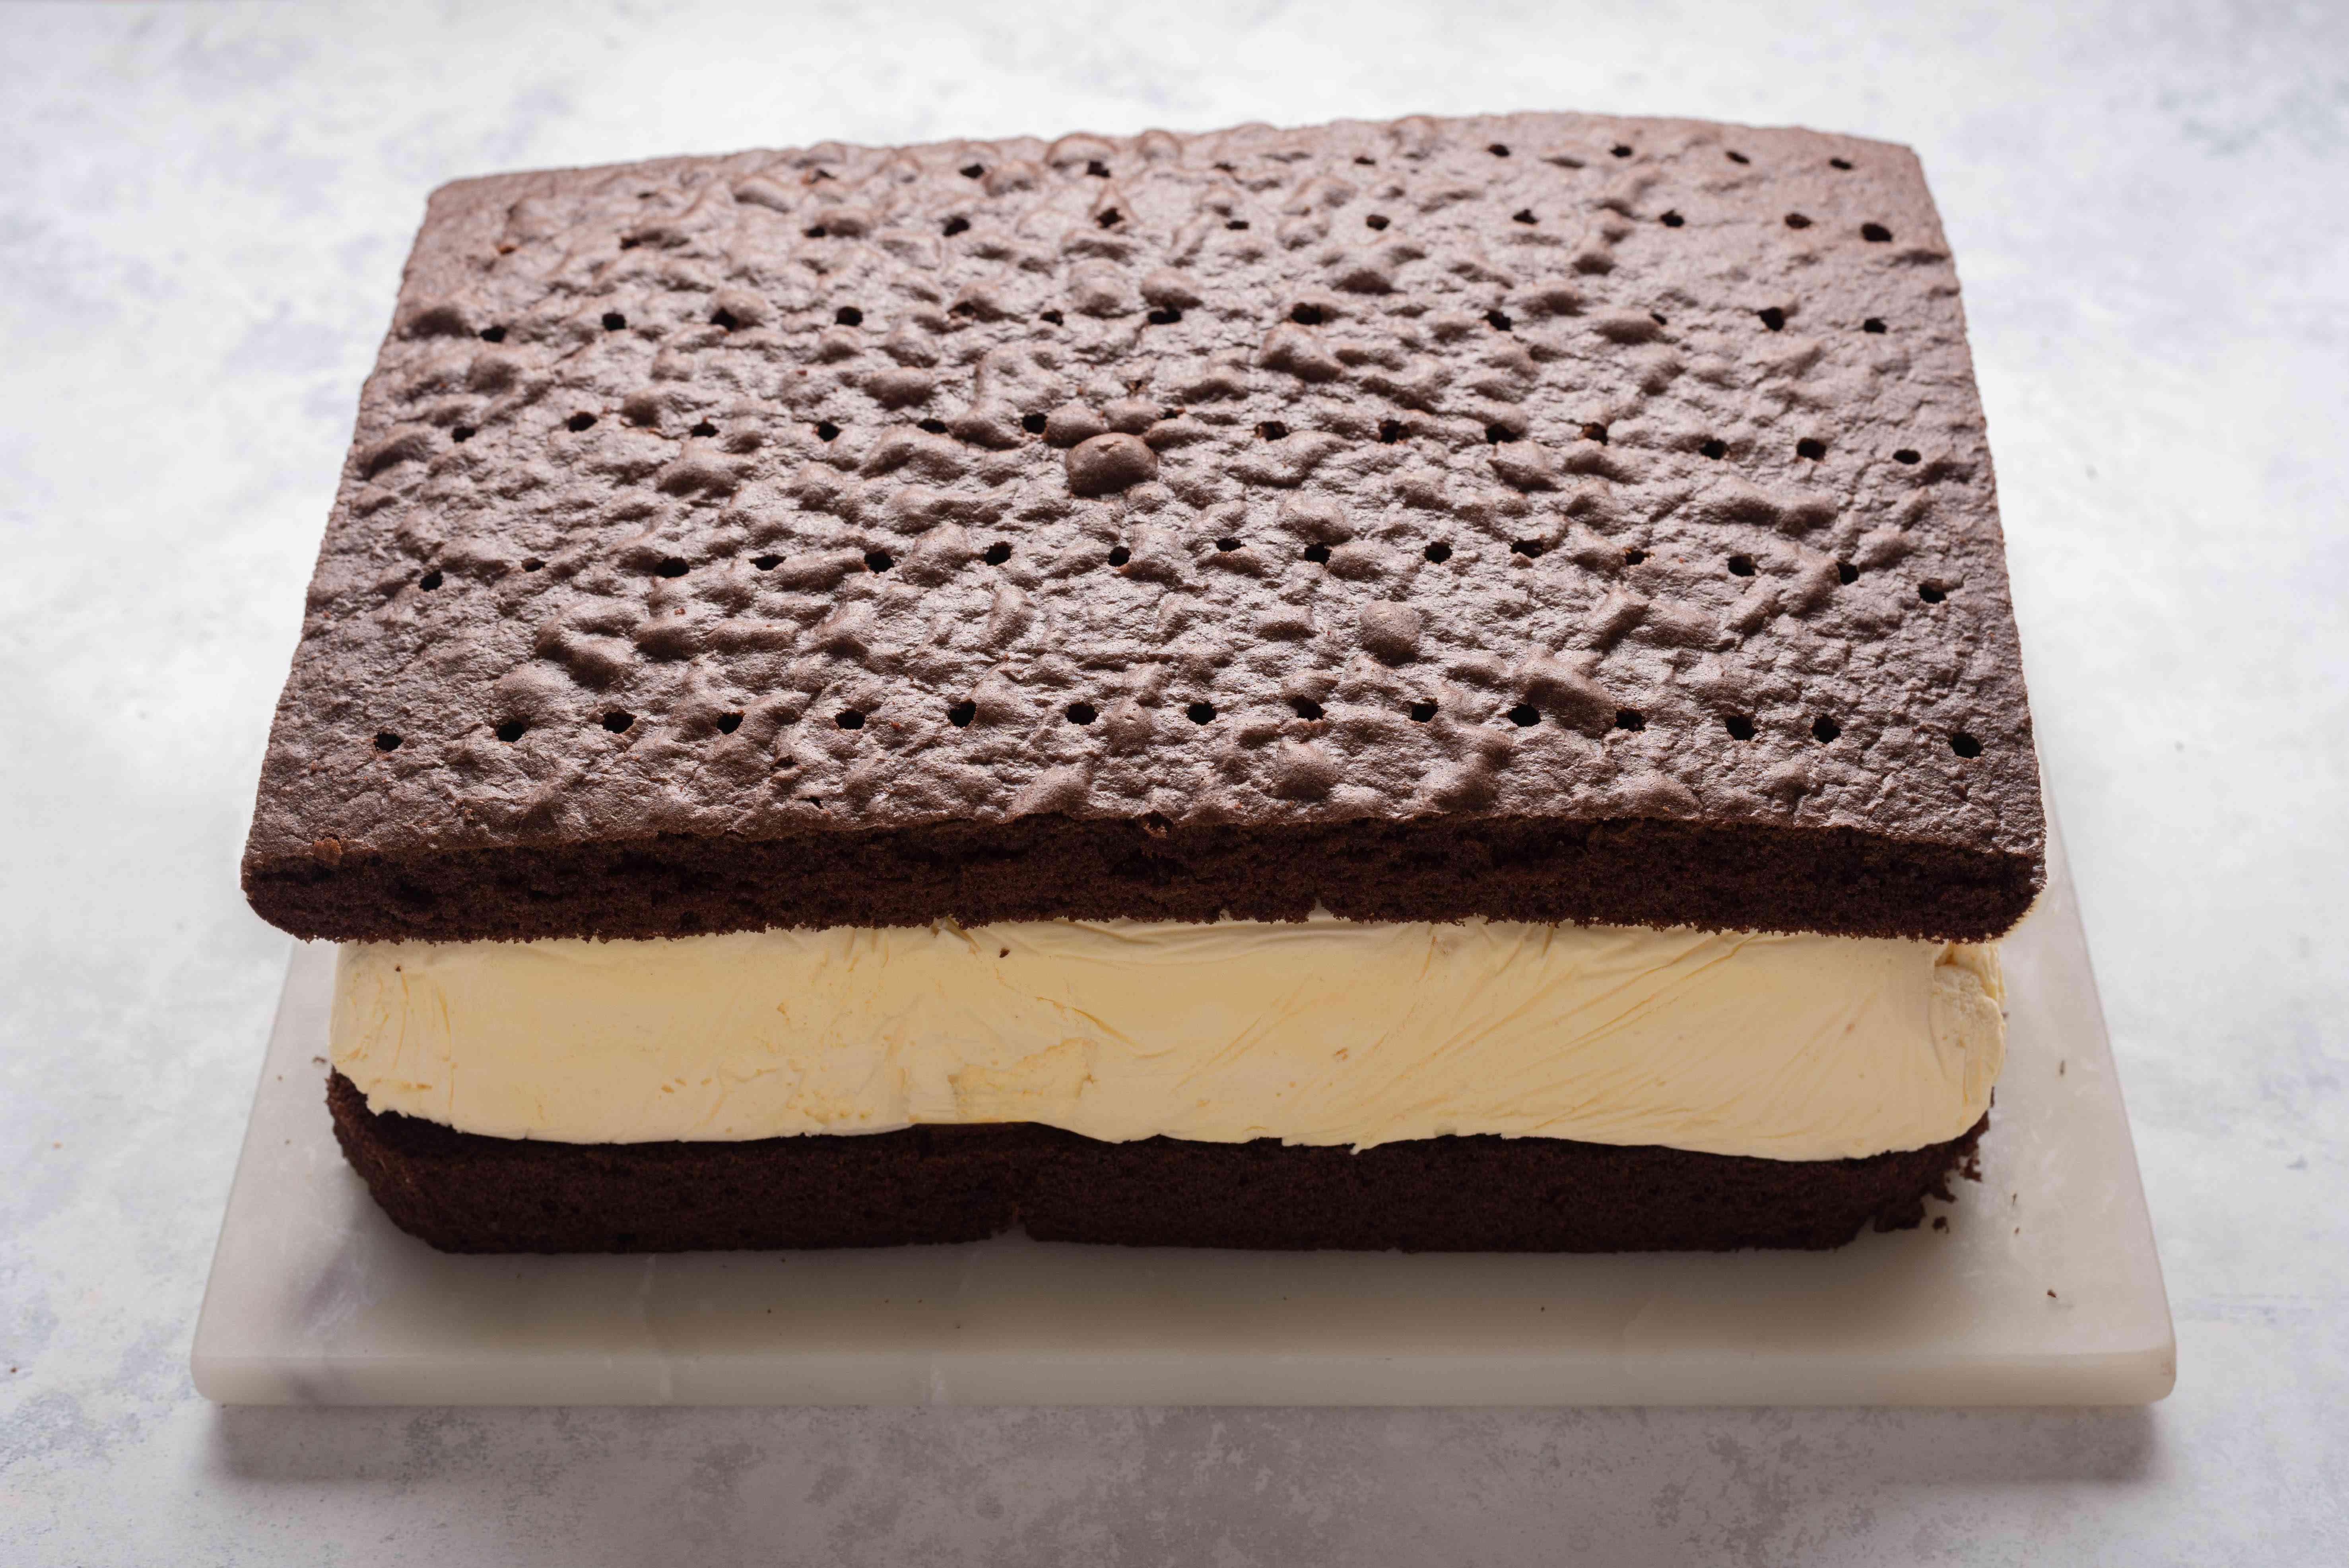 Giant Ice Cream Sandwich